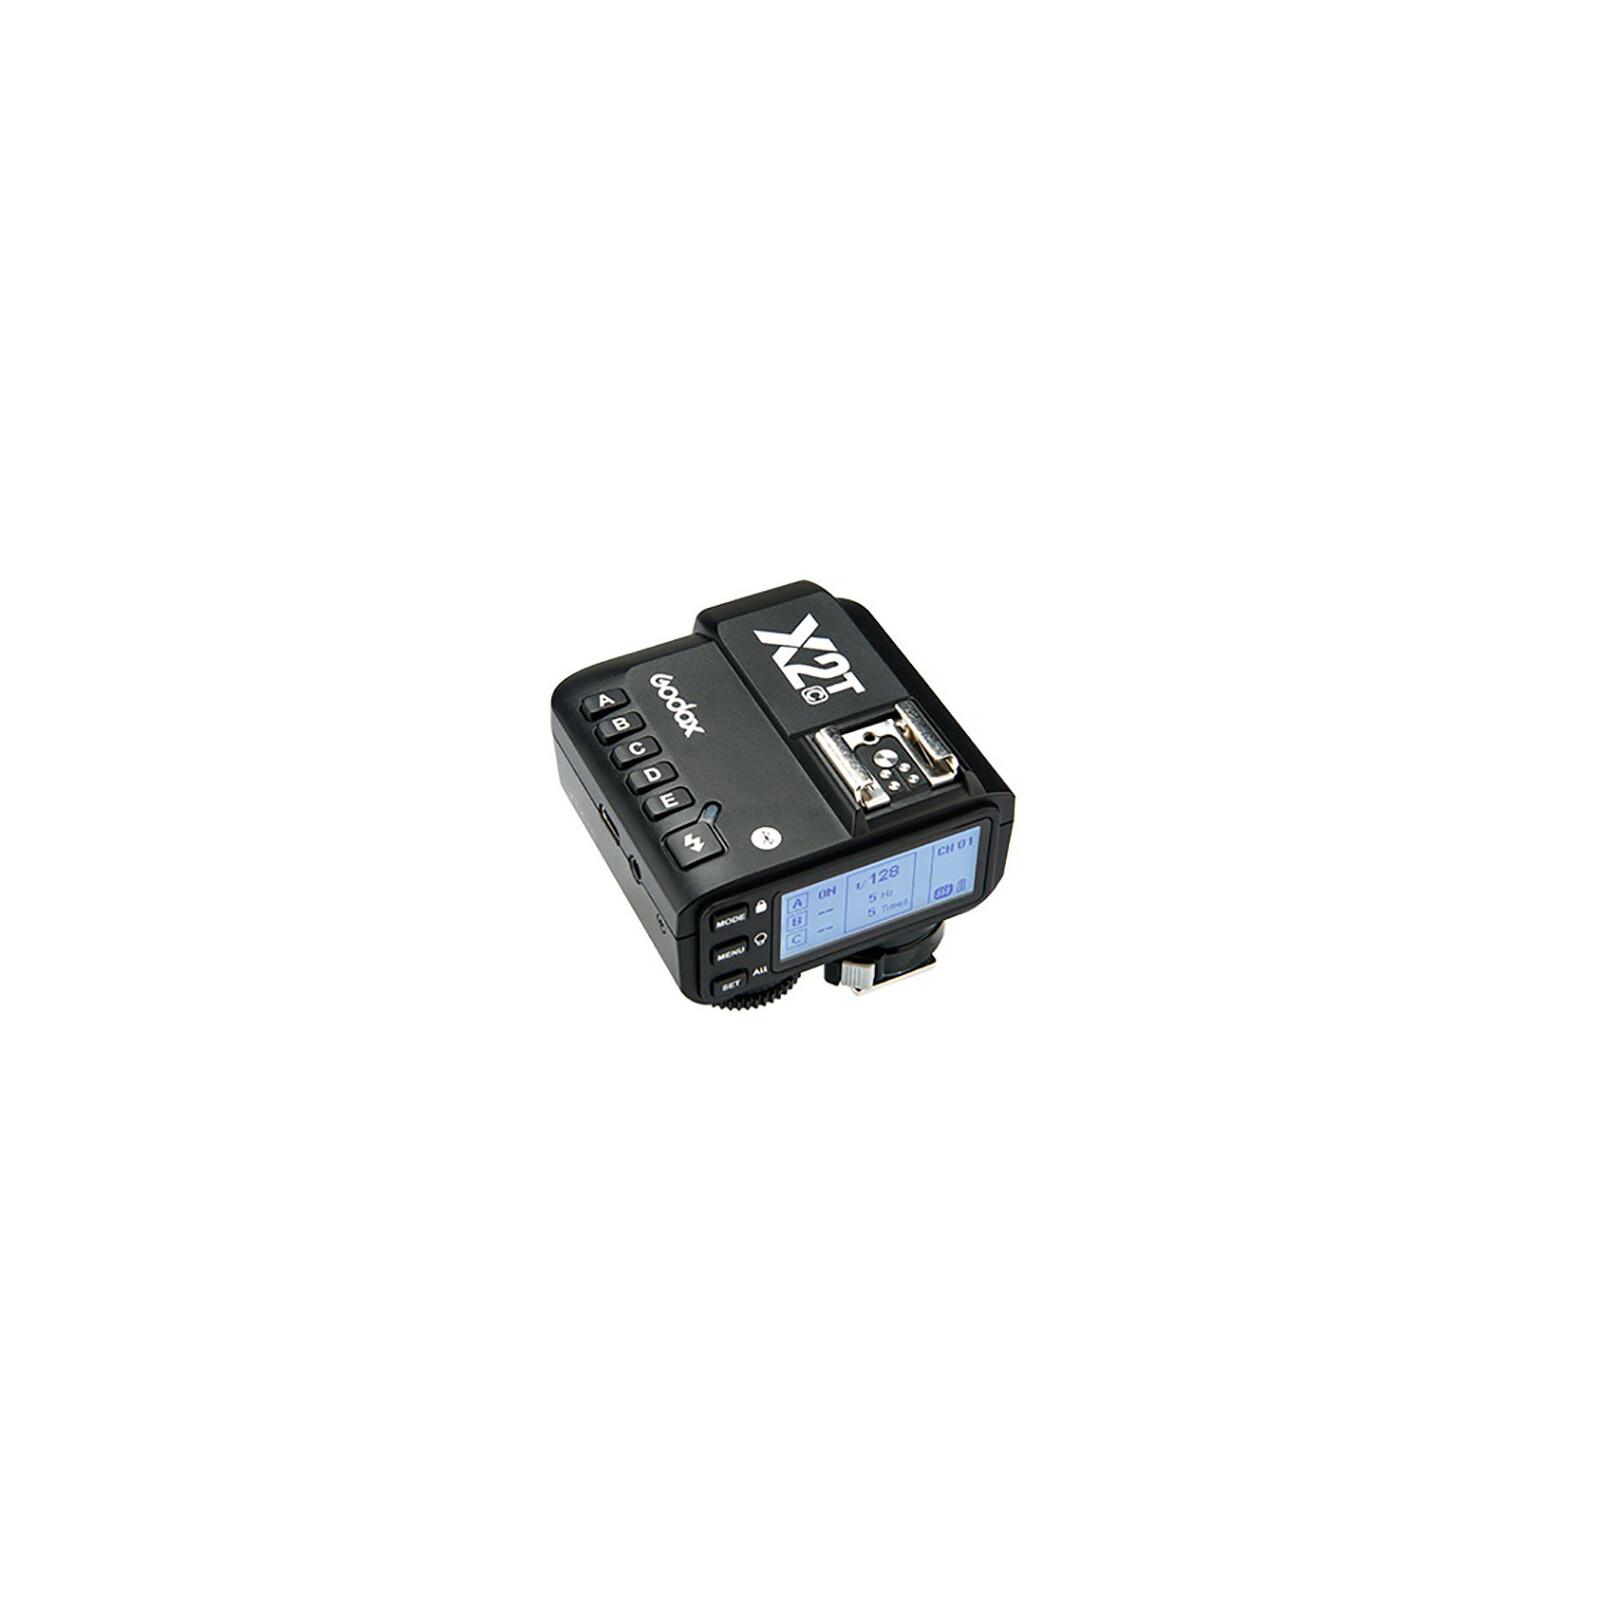 GODOX X2TF 2.4G TTL Flash Trigger Fuji